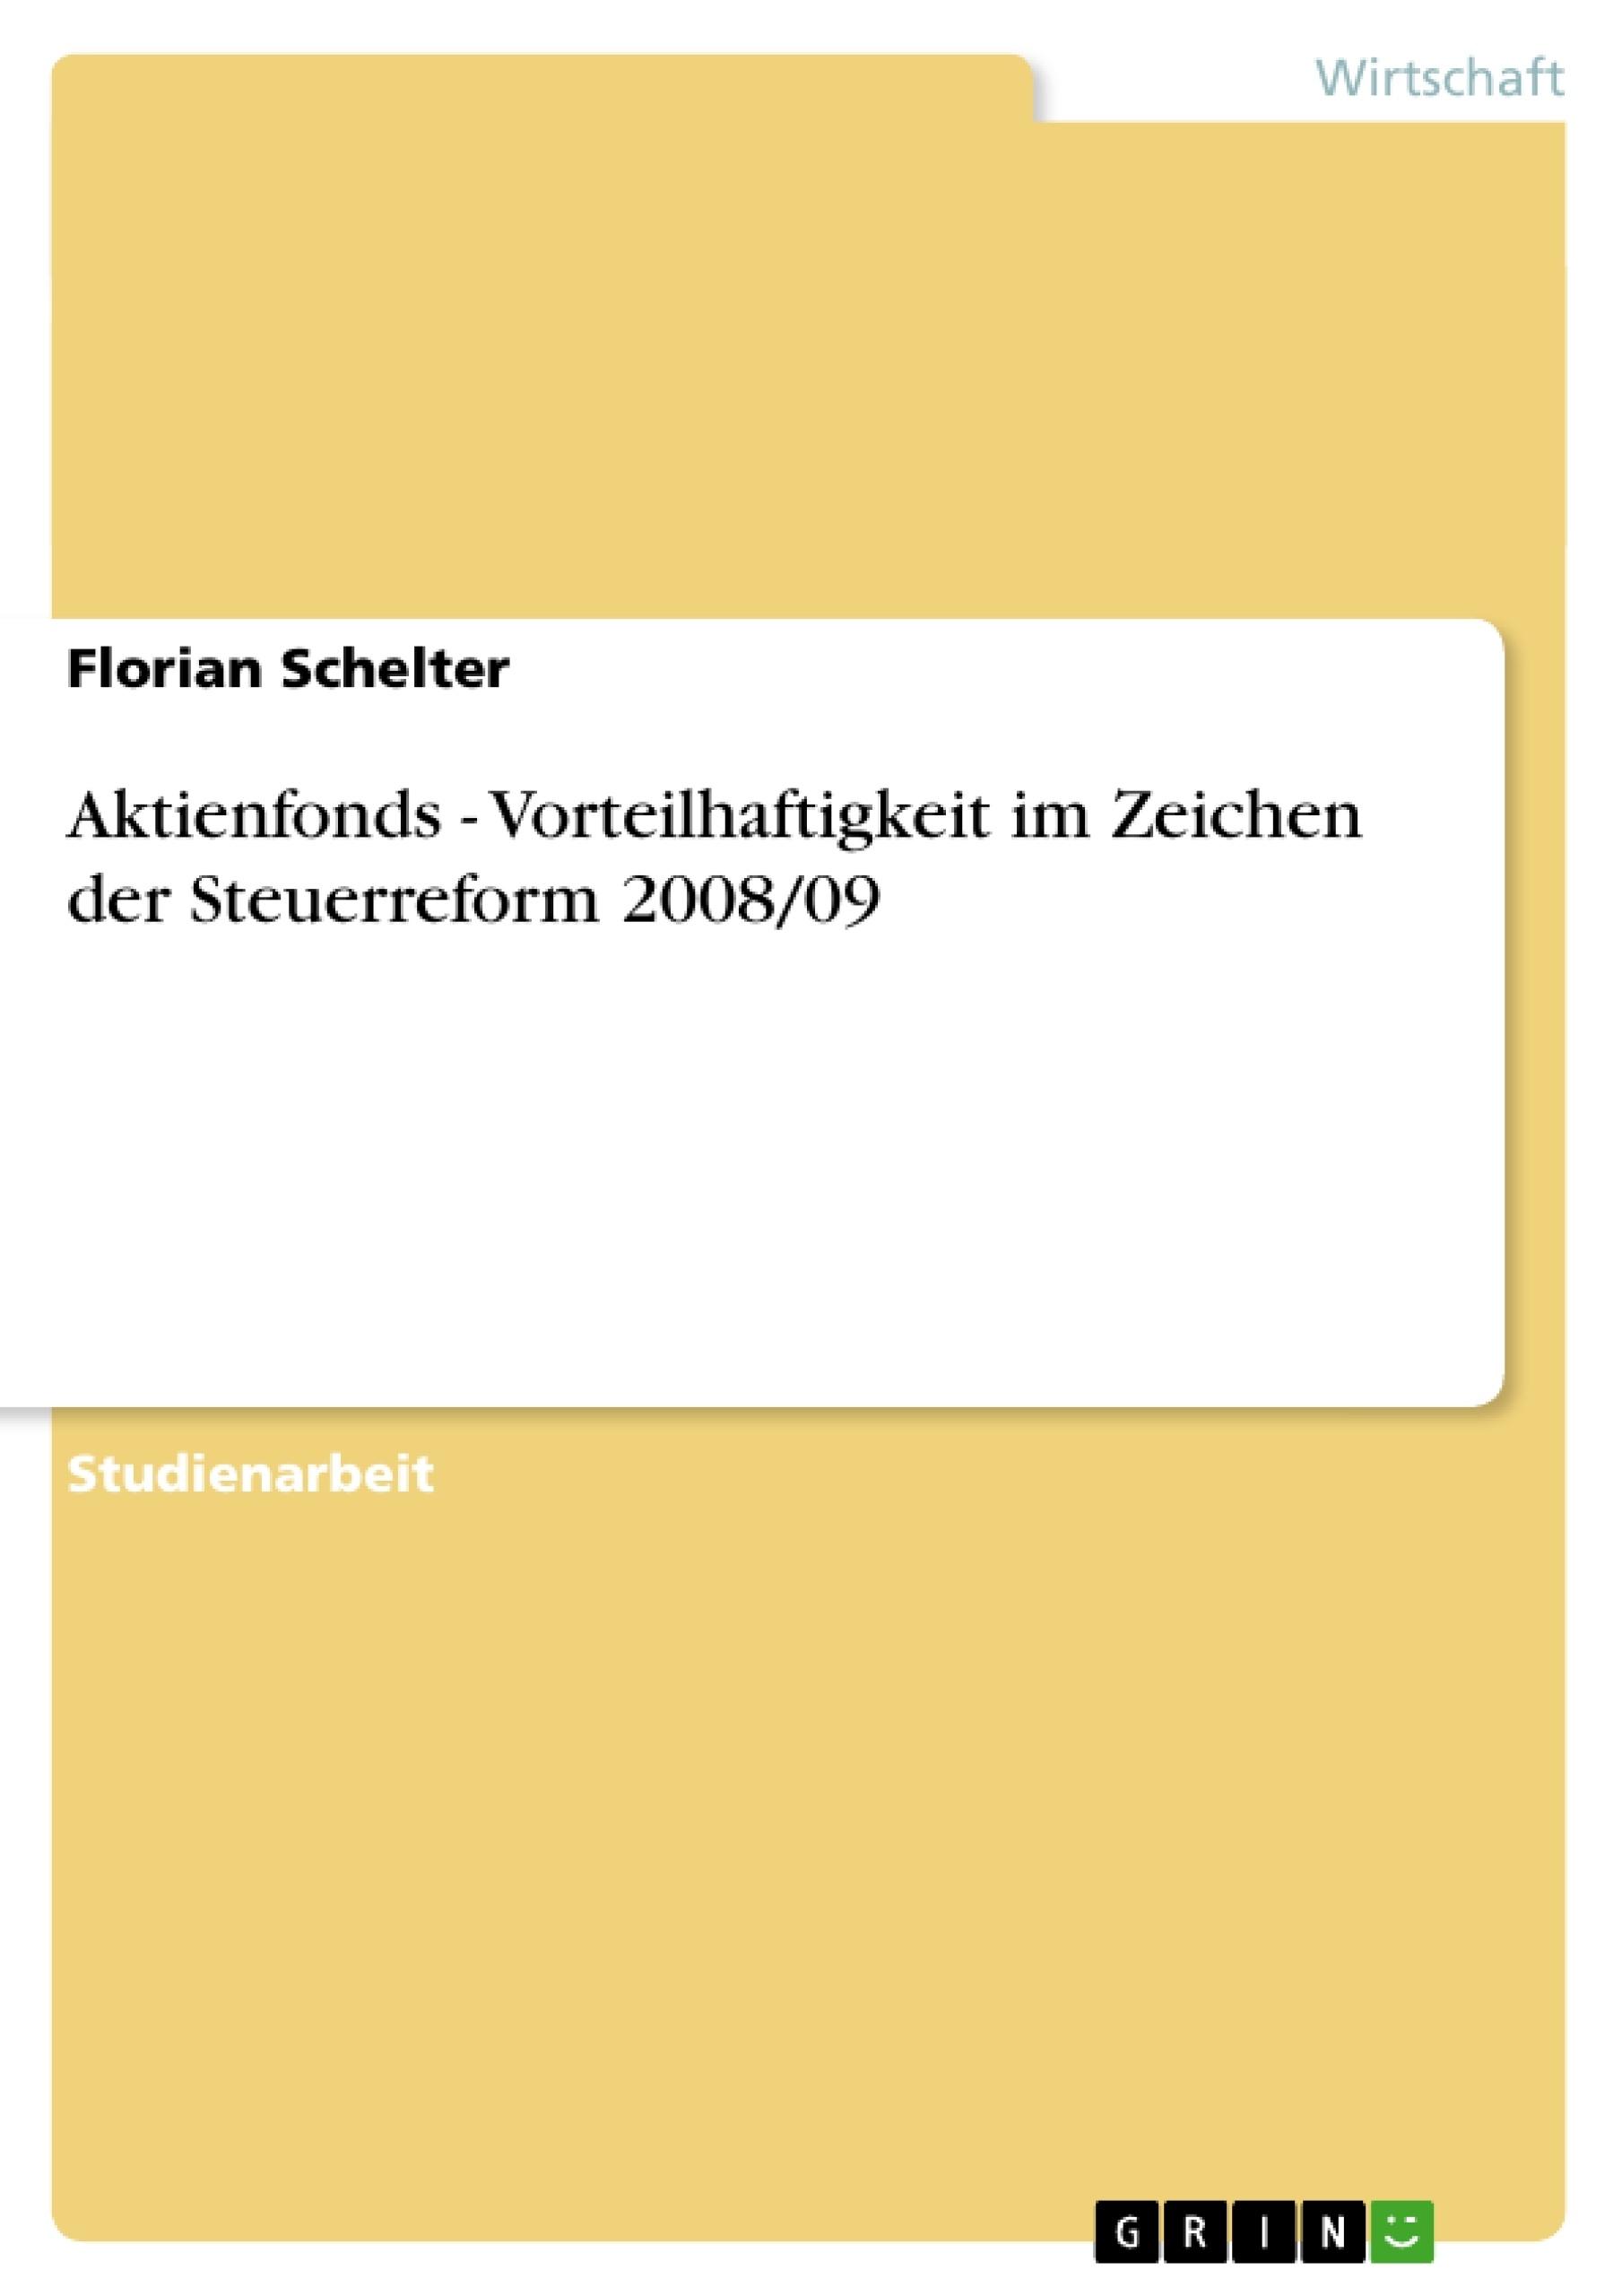 Titel: Aktienfonds - Vorteilhaftigkeit im Zeichen der Steuerreform 2008/09